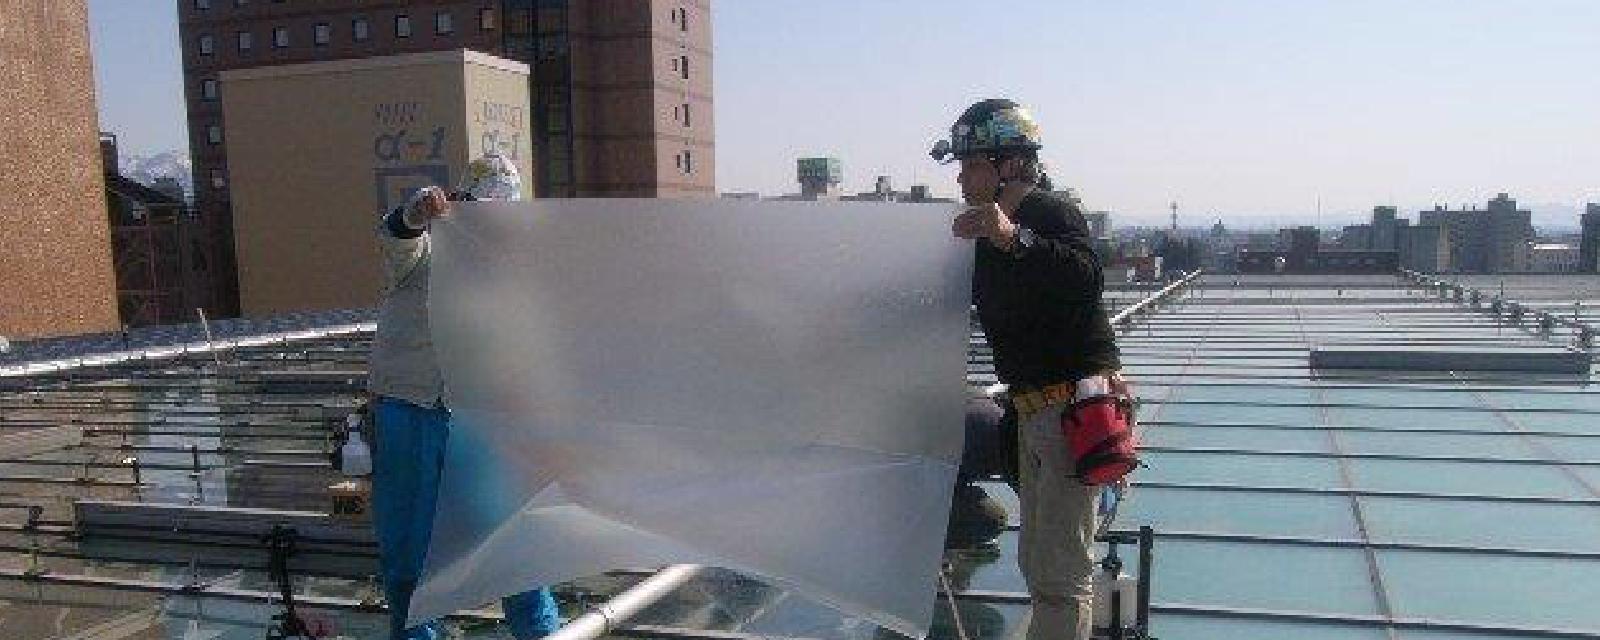 ガラス工事のパイオニア